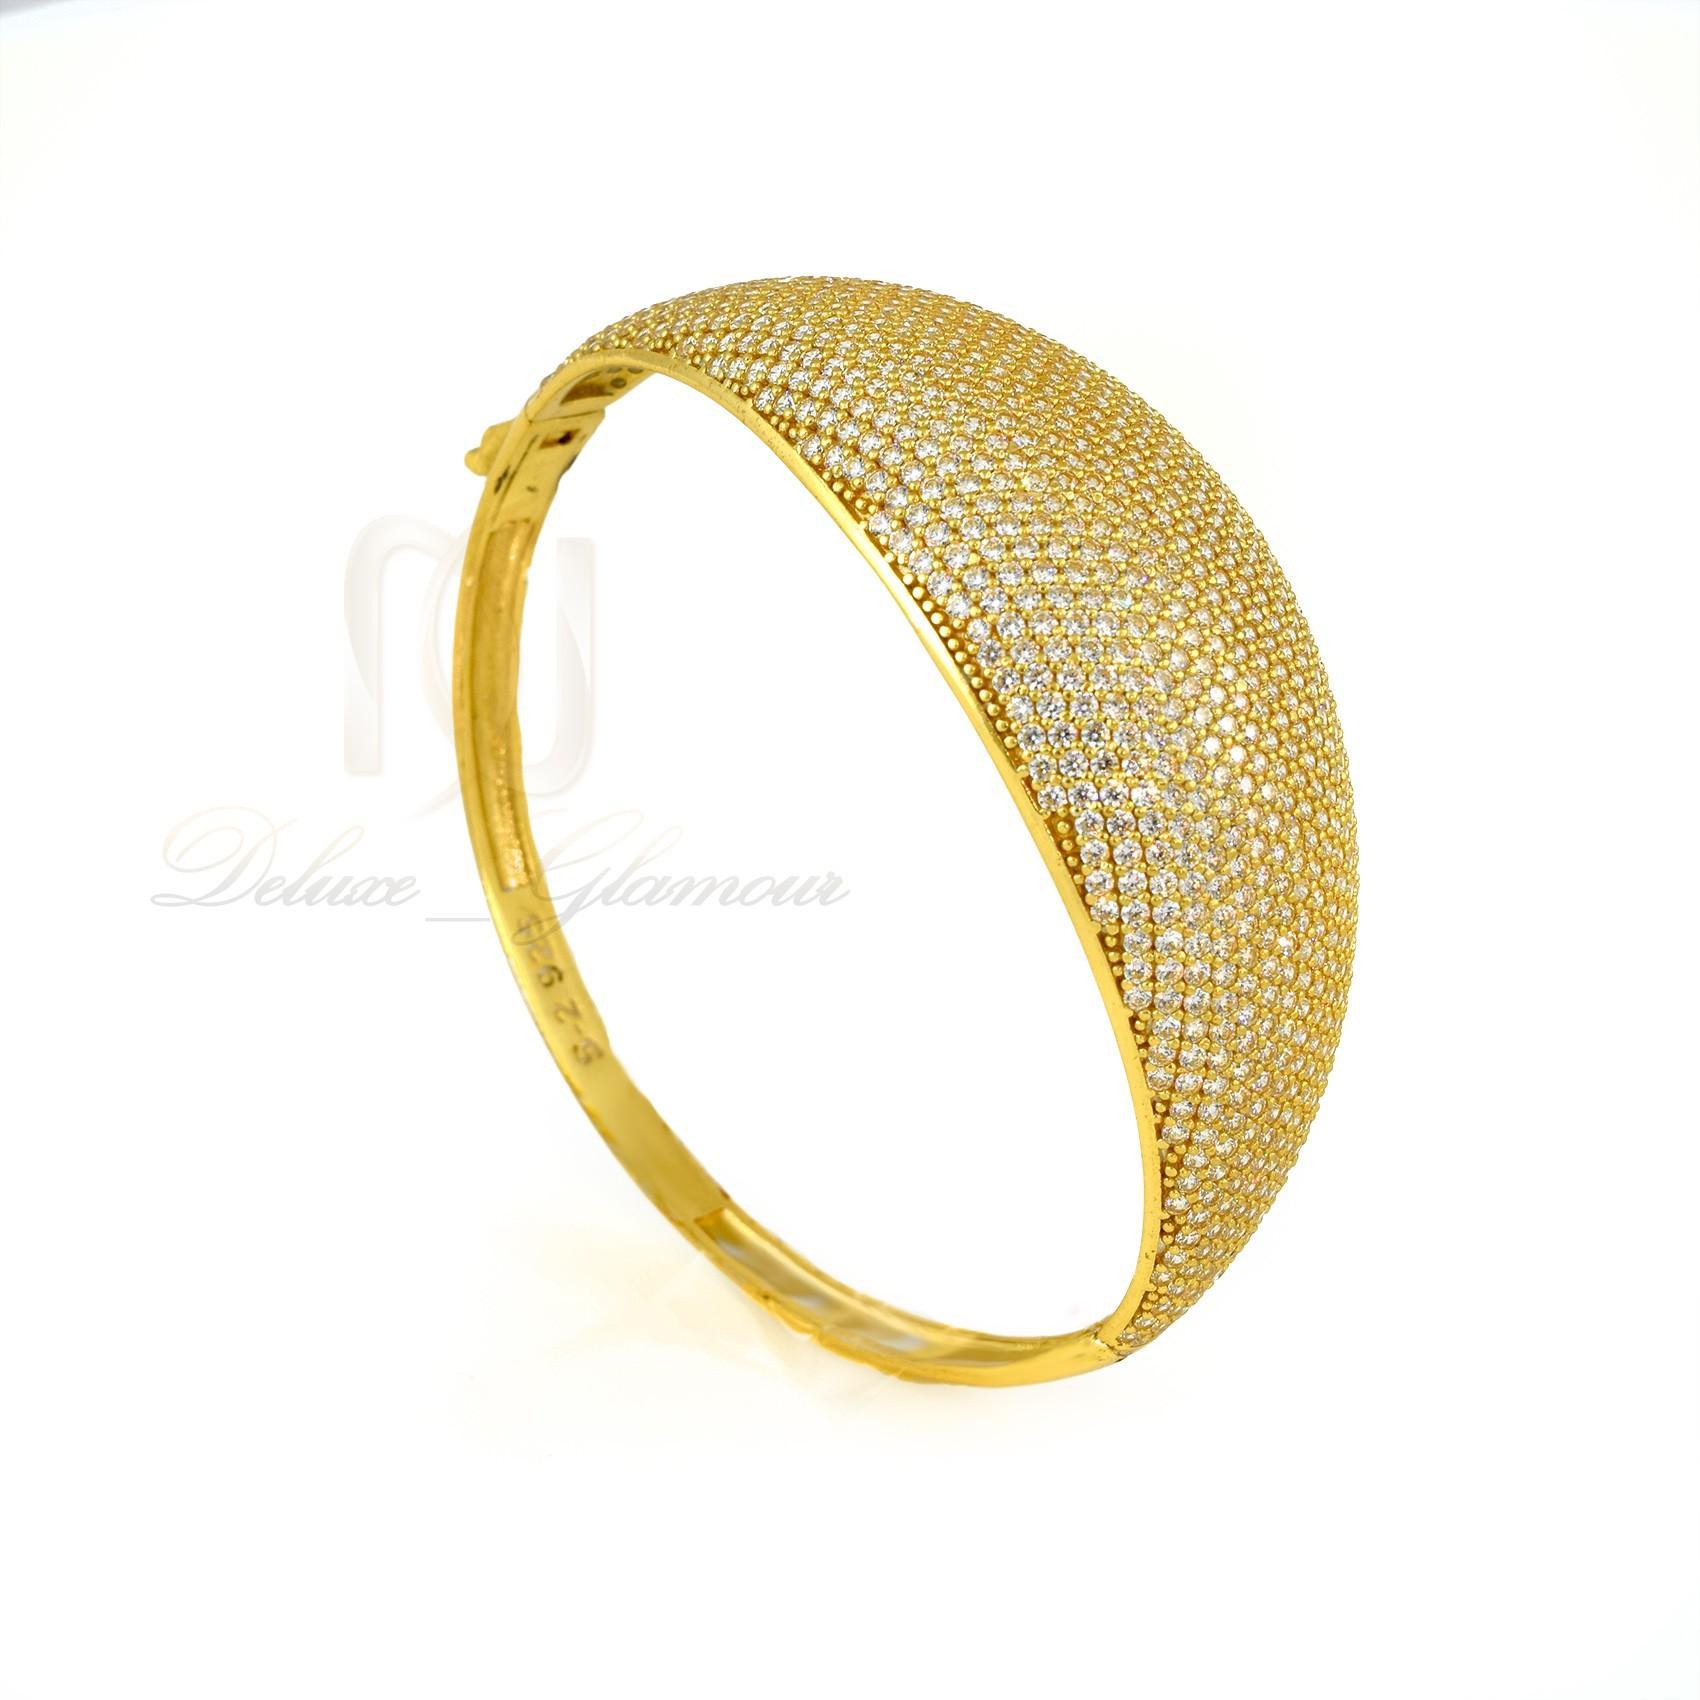 دستبند نقره زنانه طرح پرنسس ds-n305 از نماي روبرو